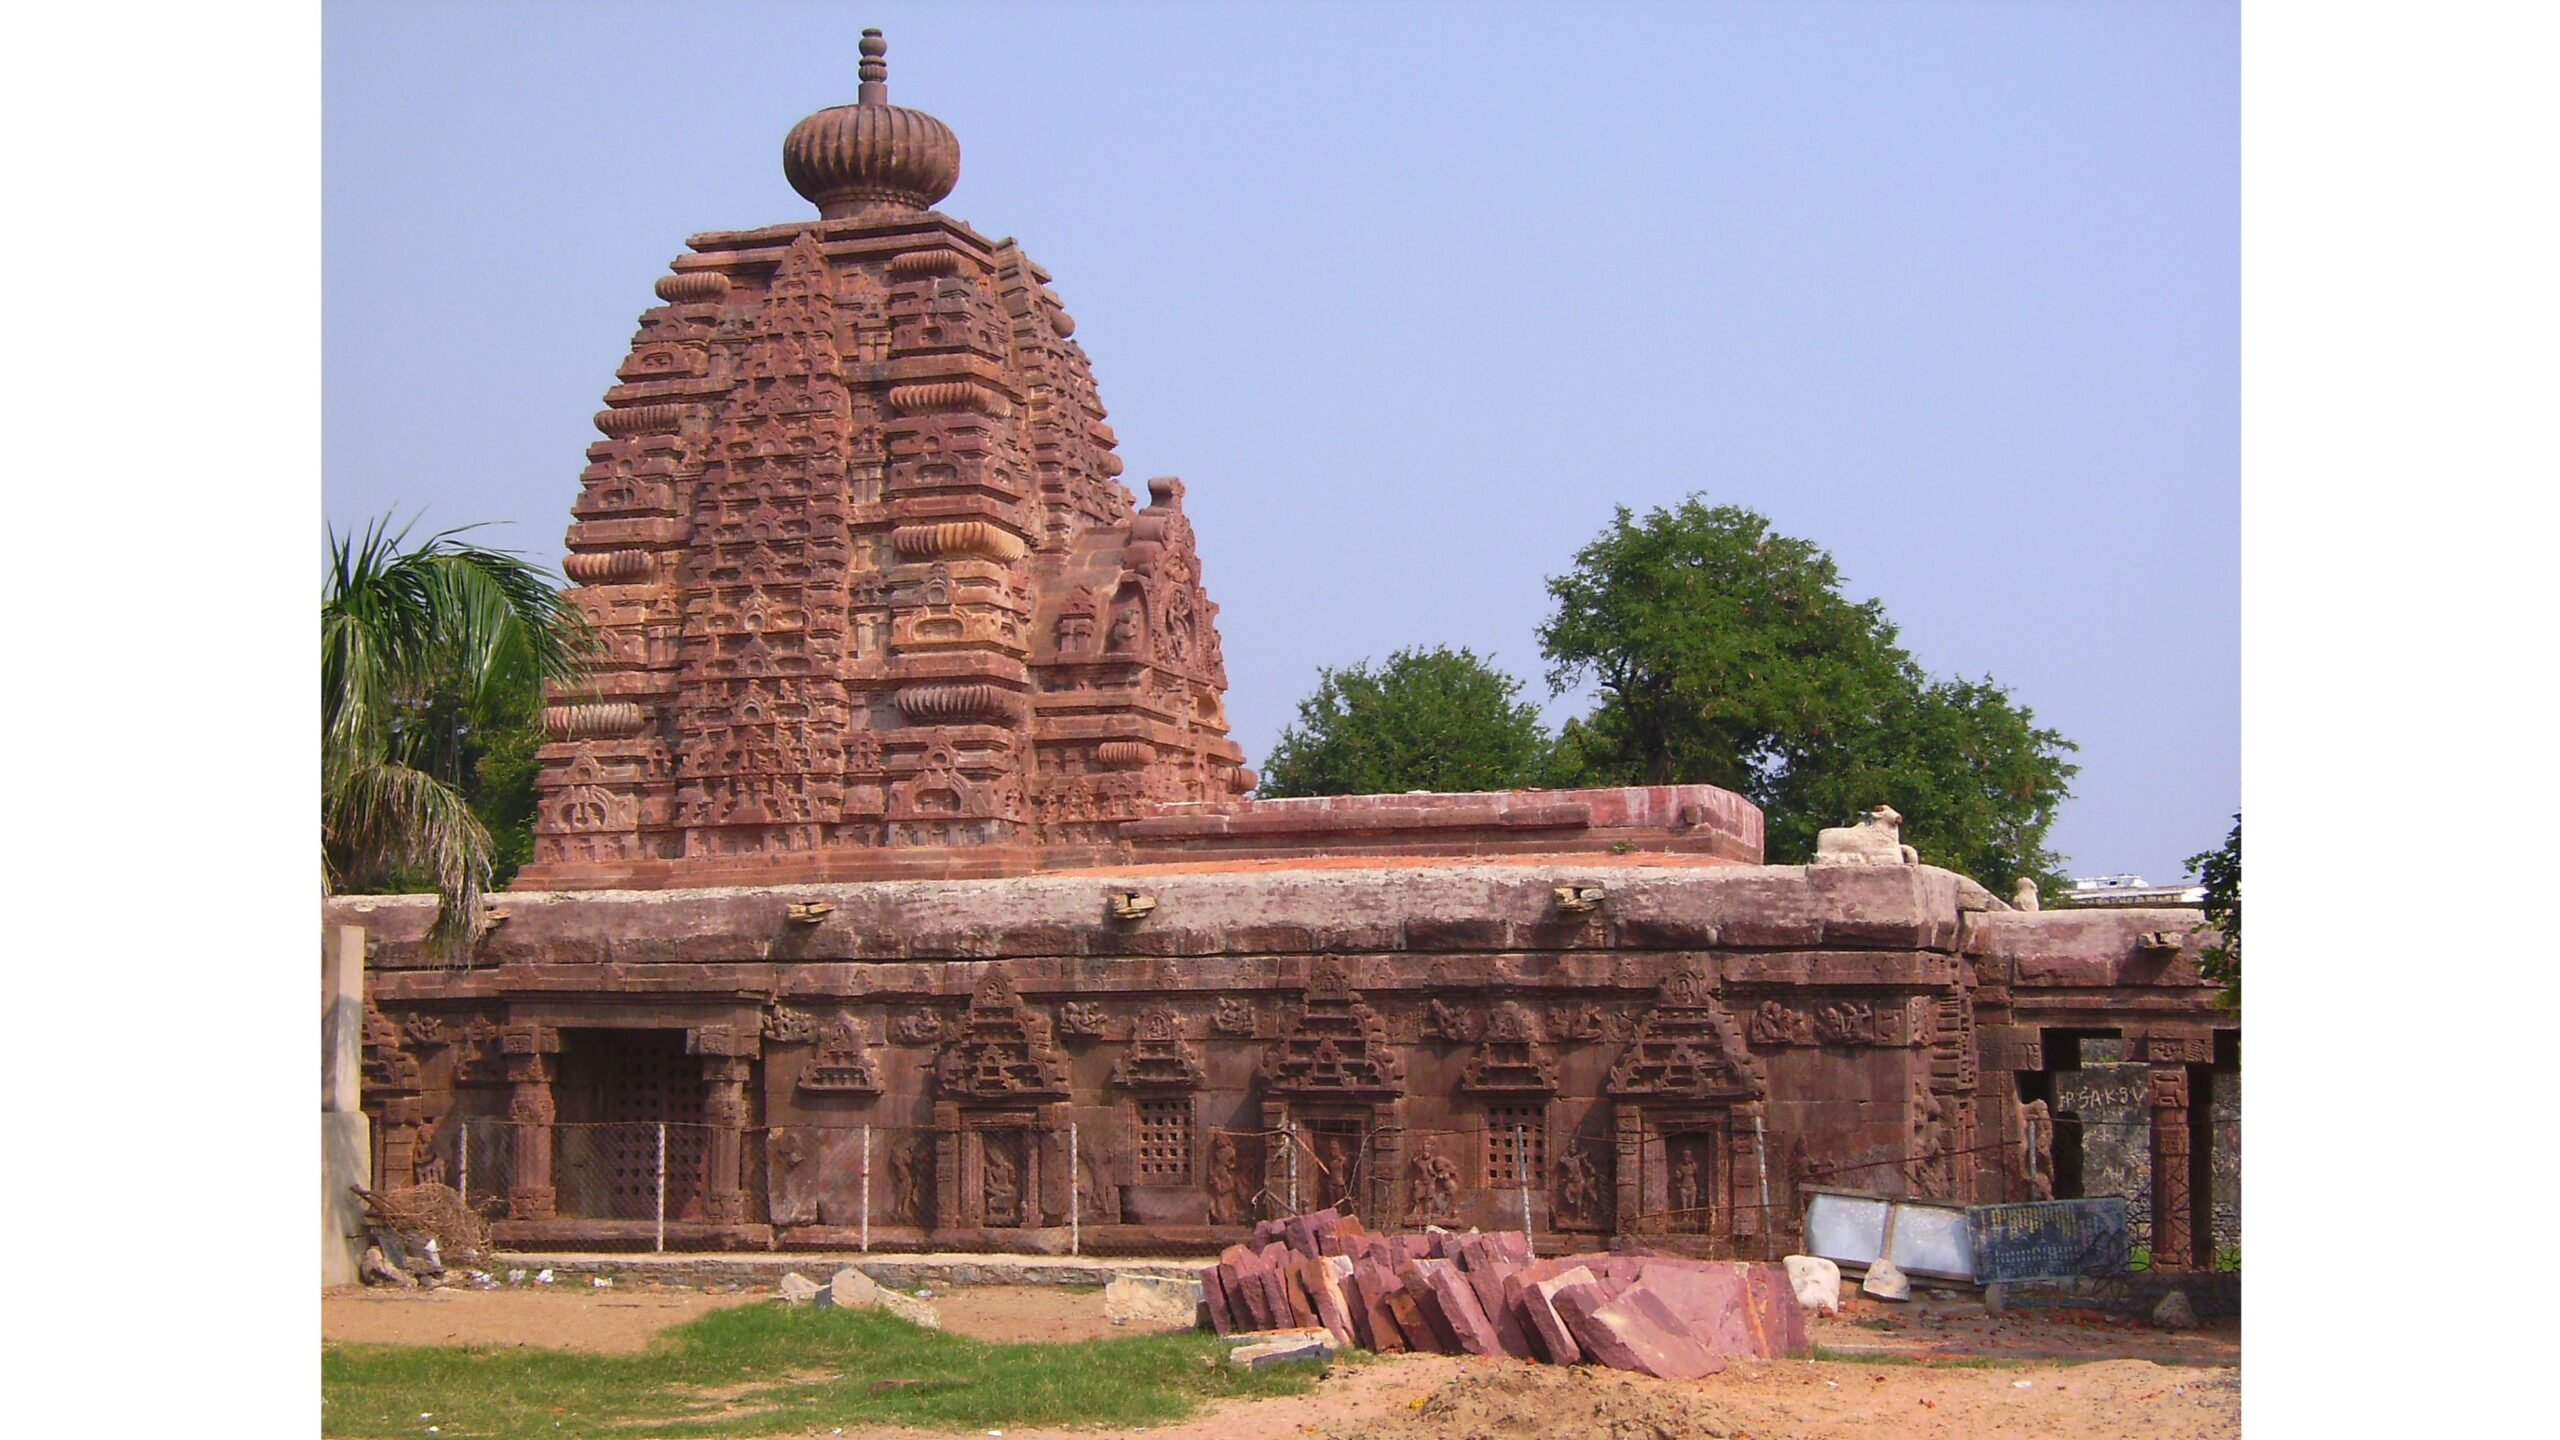 आलमपुर के नव ब्रह्मा मंदिर